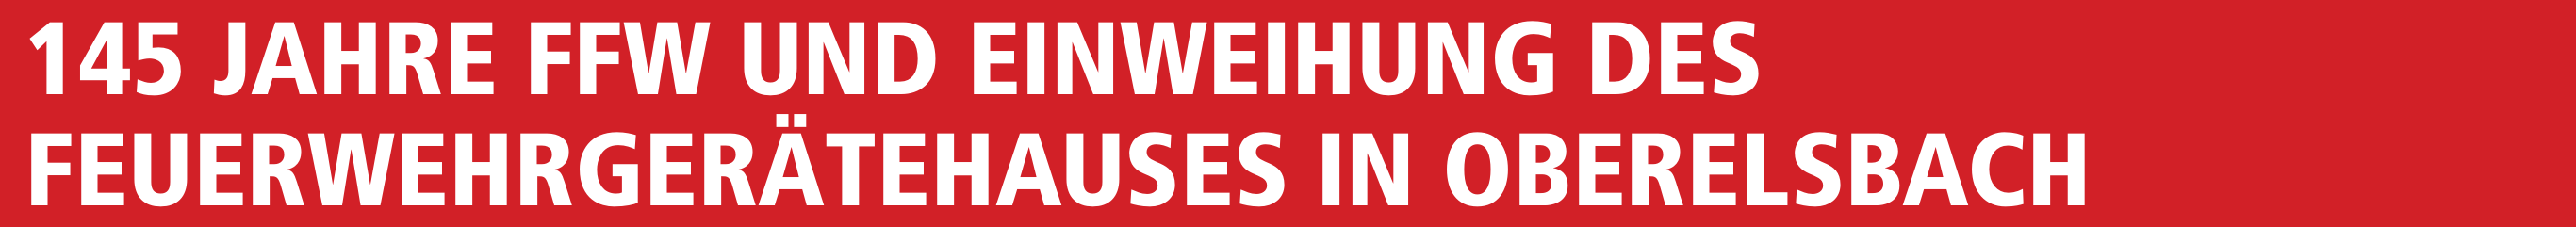 145 Jahre FFW und Einweihung des Feuerwehrgerätehauses in Oberelsbach Image 1